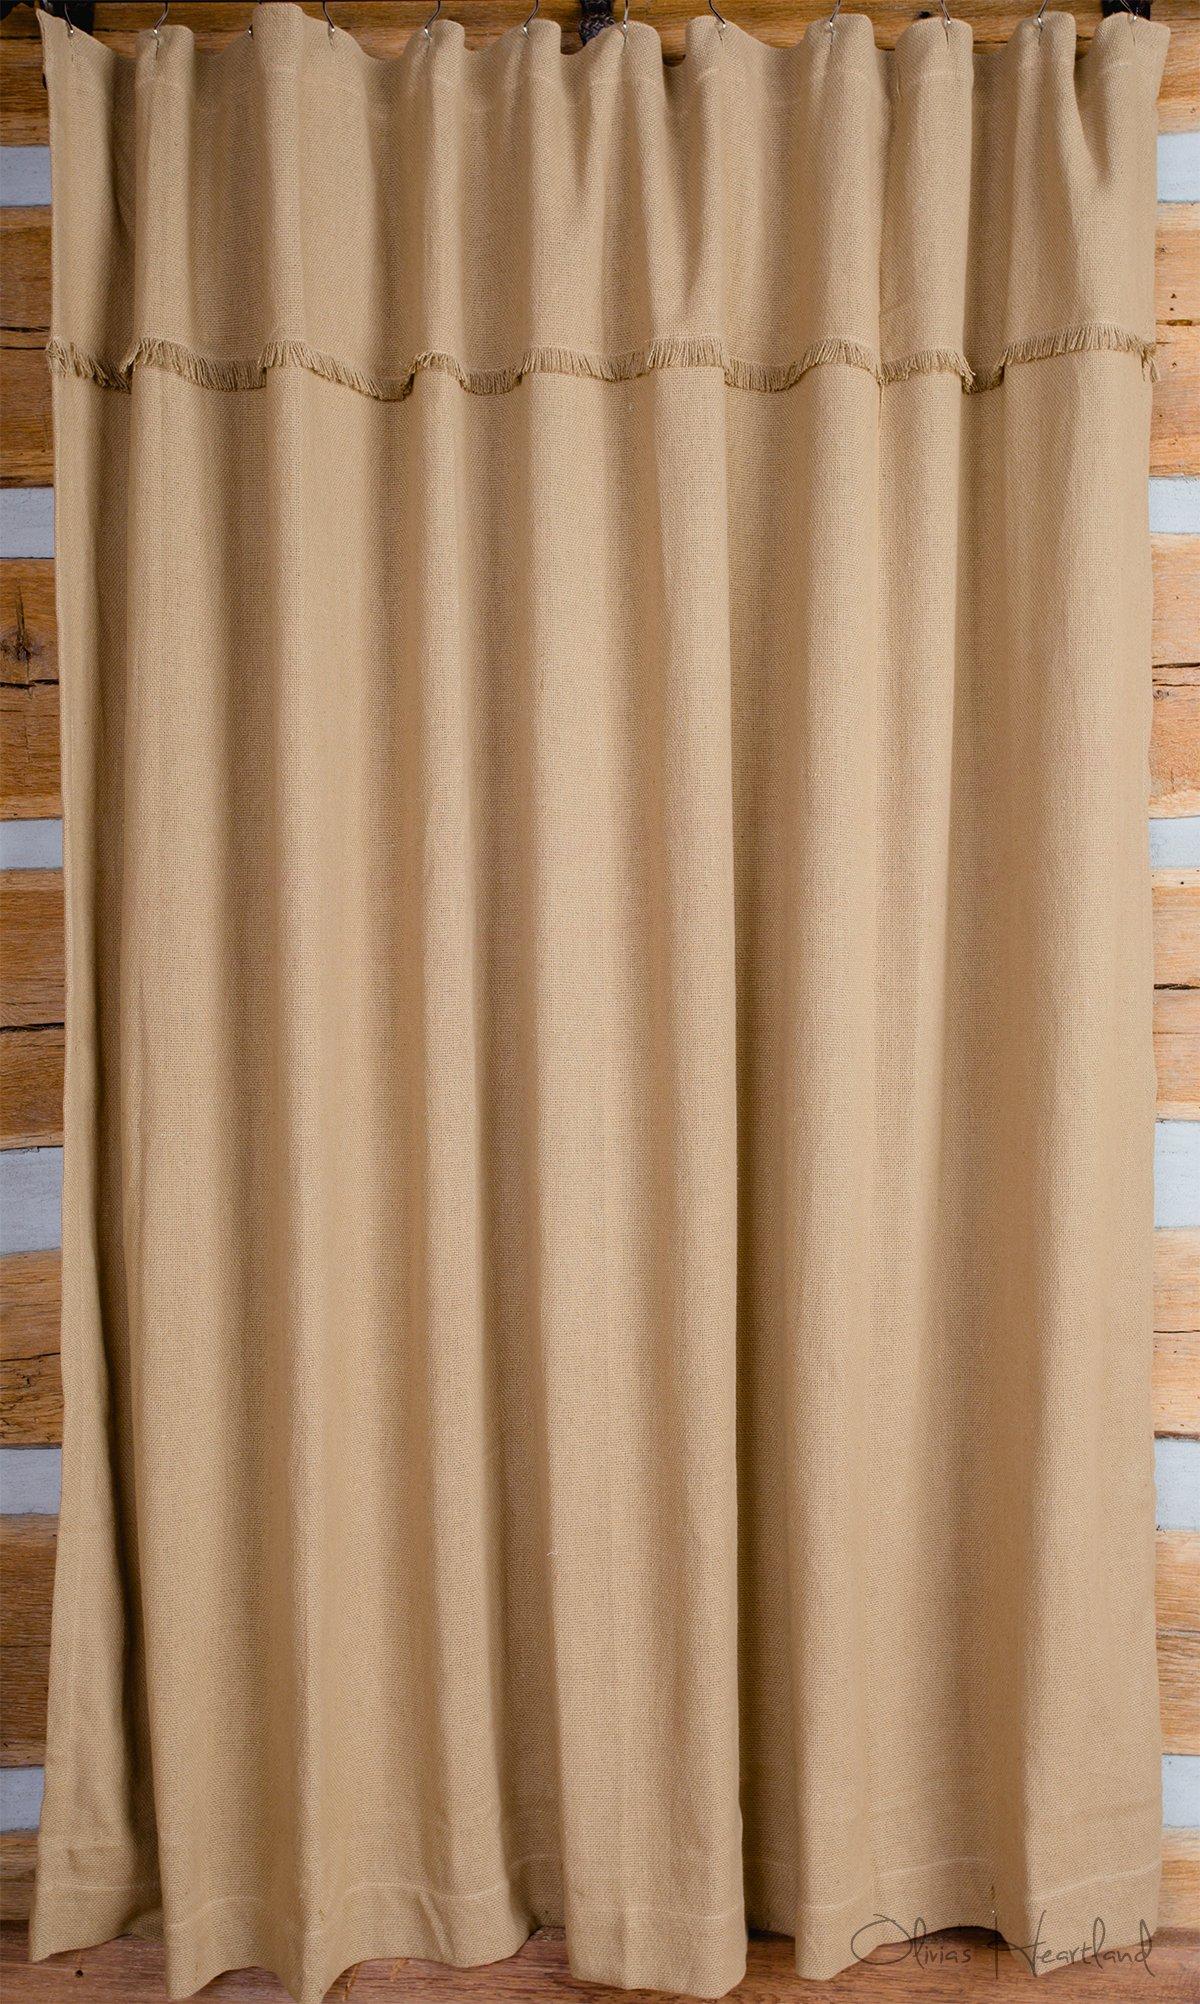 Deluxe Burlap Natural Tan Shower Curtain